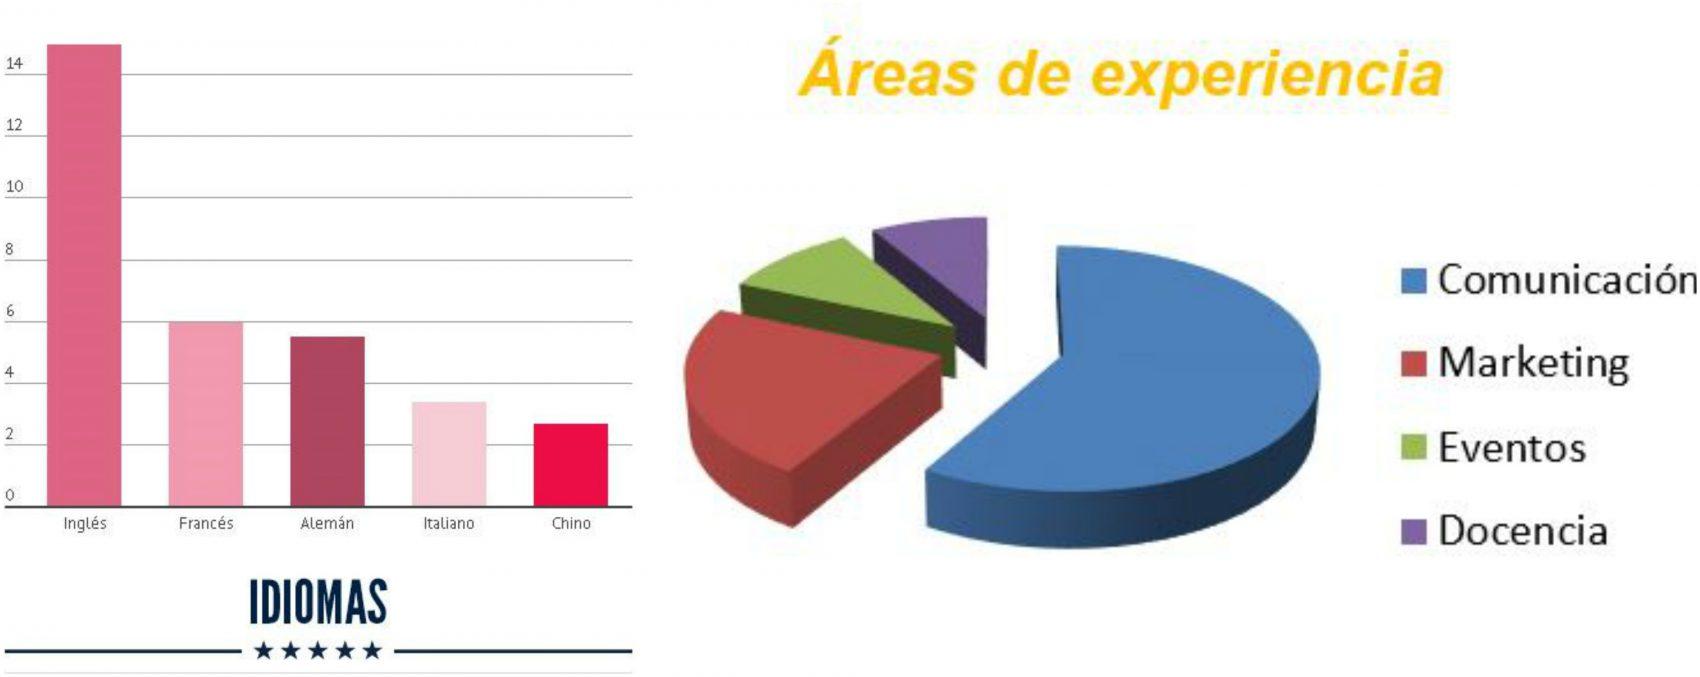 gráficos-áreas-de-experiencia